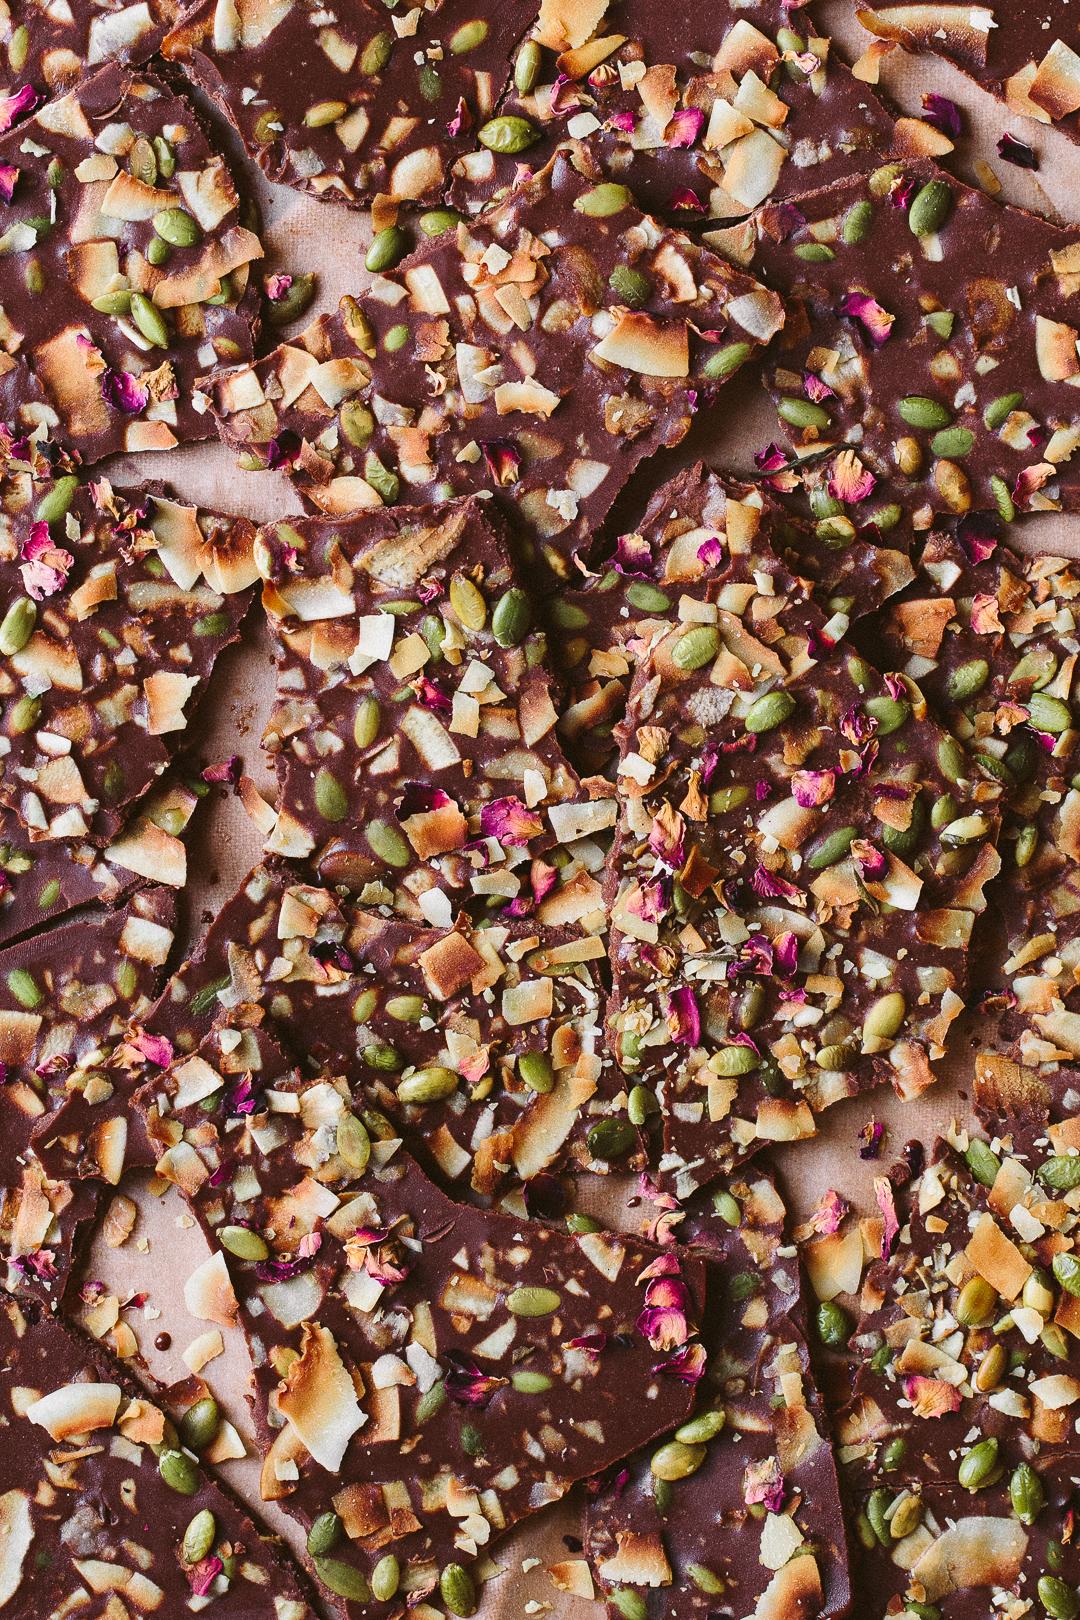 Chai_Spiced_Chocolate_Bark_by_Jordan_Pie_Nutritionist_Photographer-1.jpg